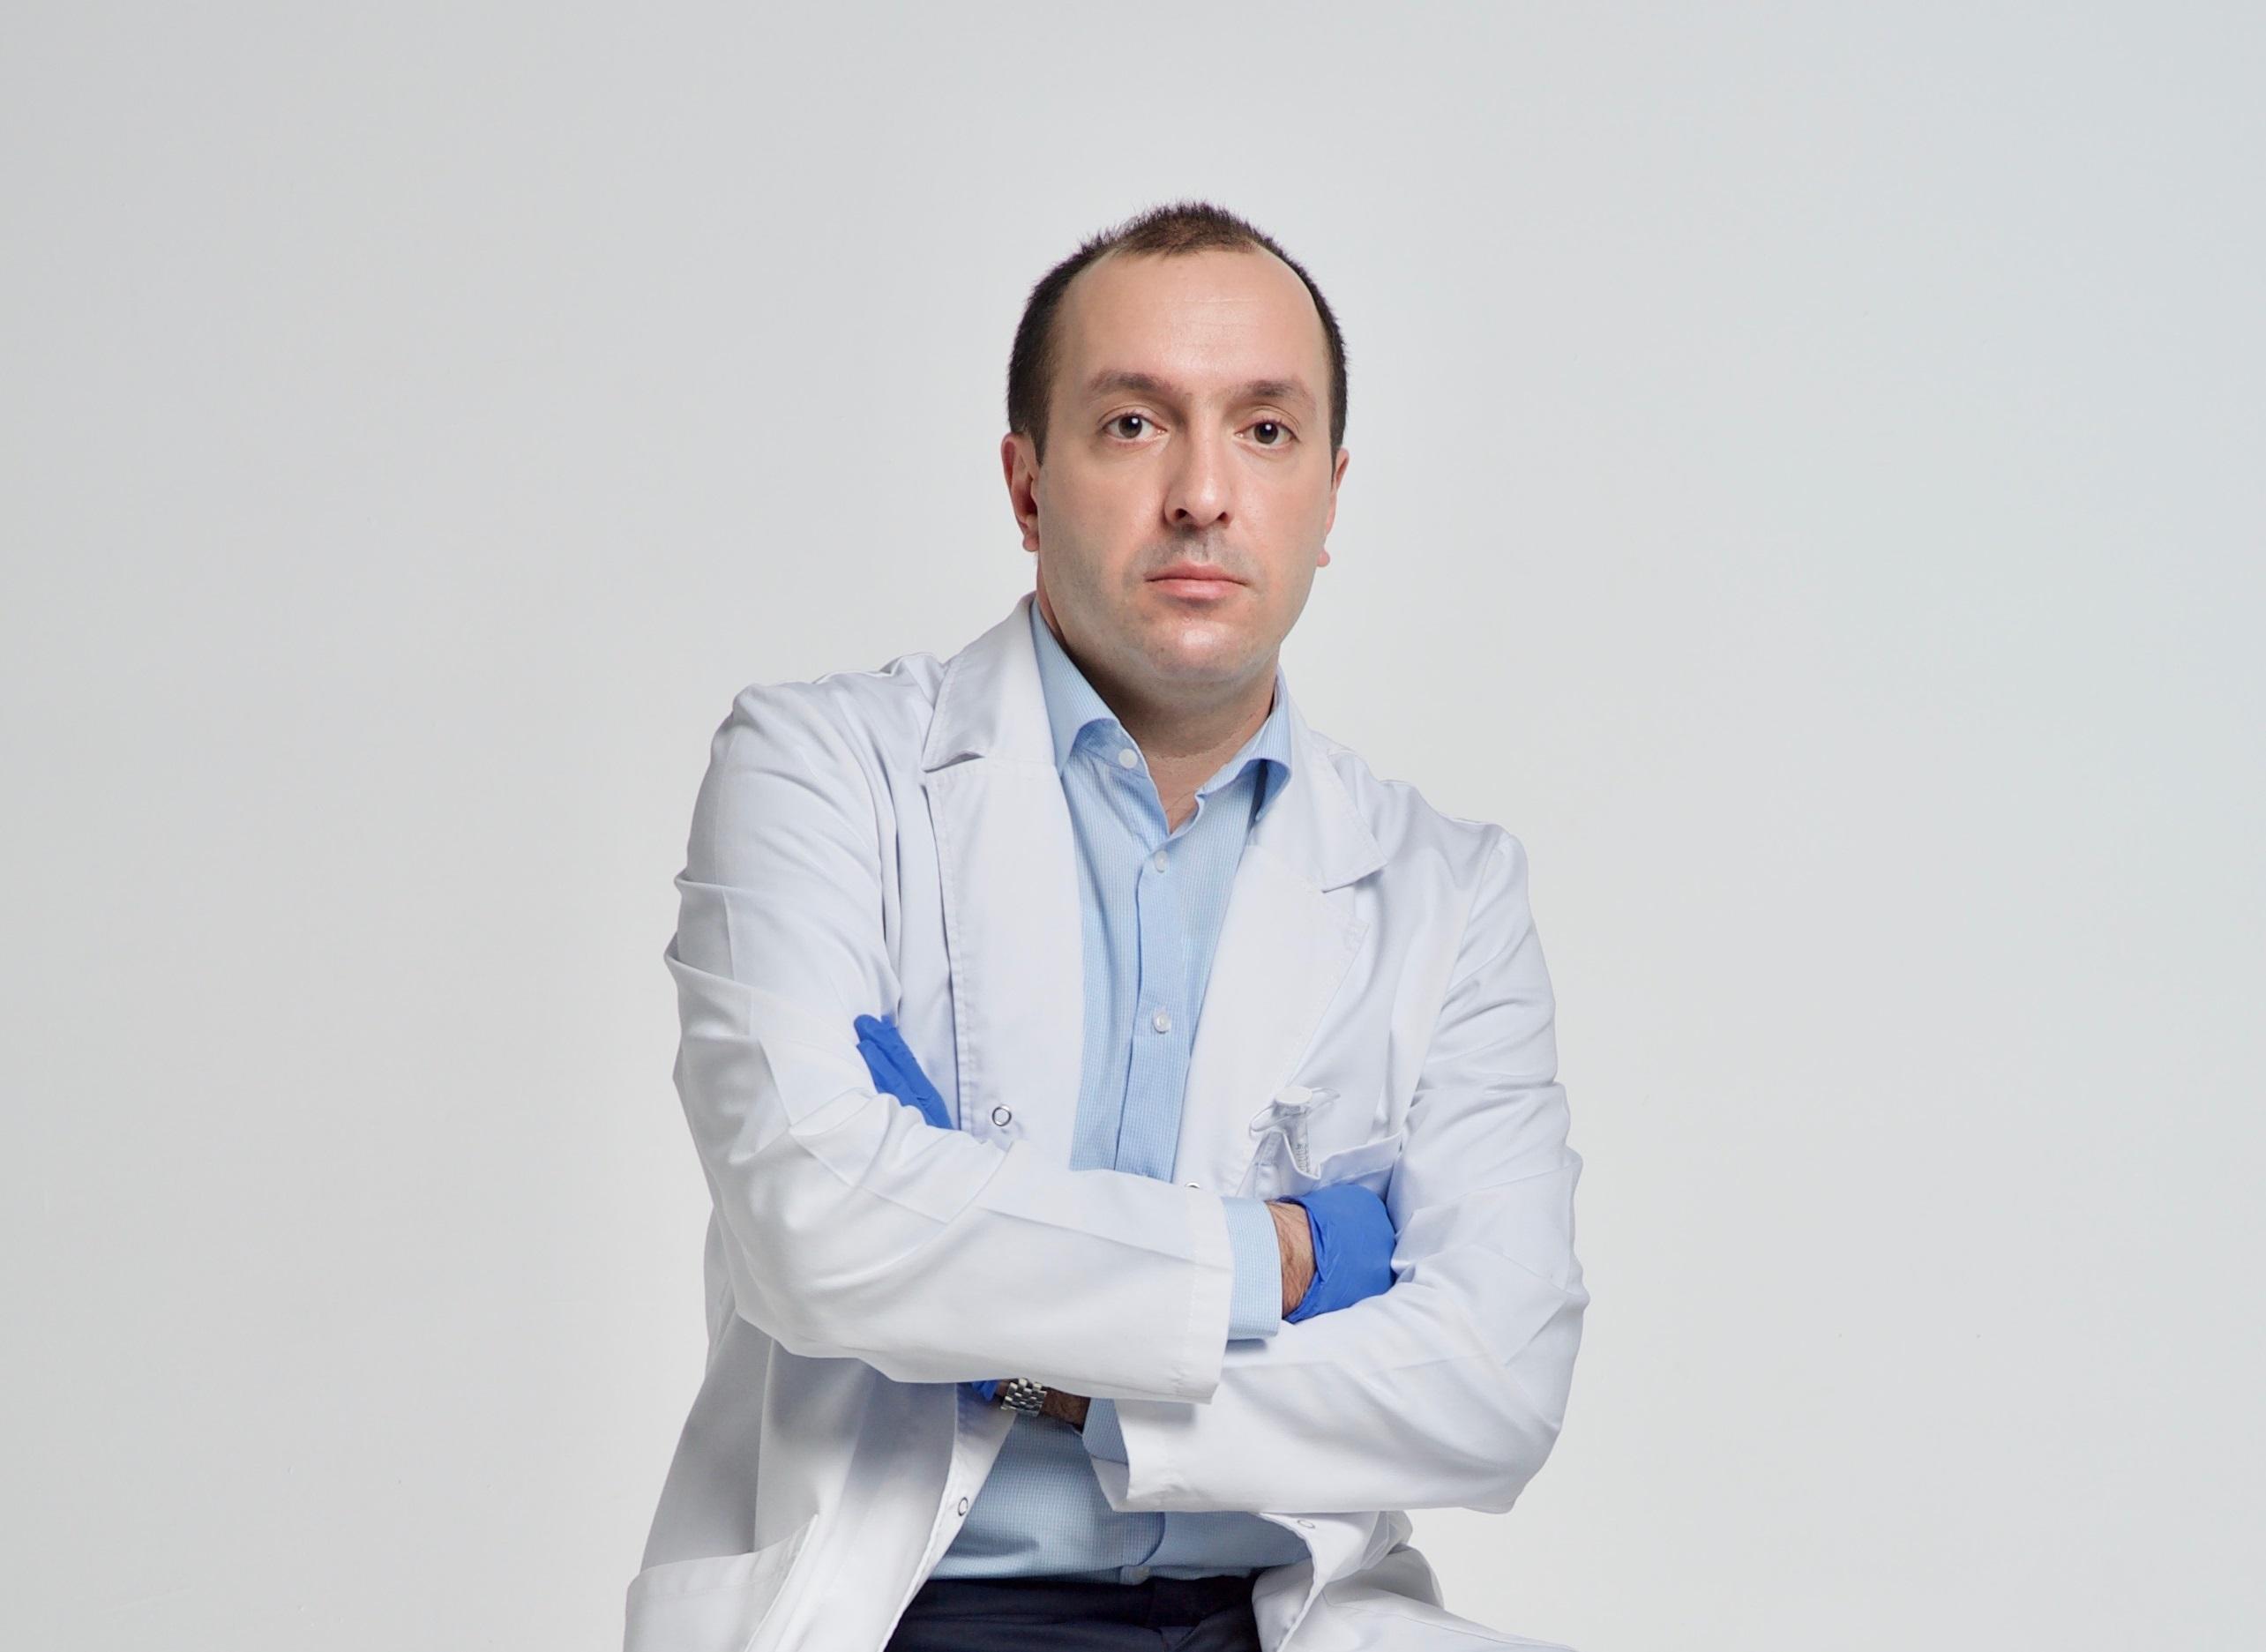 Интервью с пластическим хирургом: Фэйсфитнес – польза или вред?